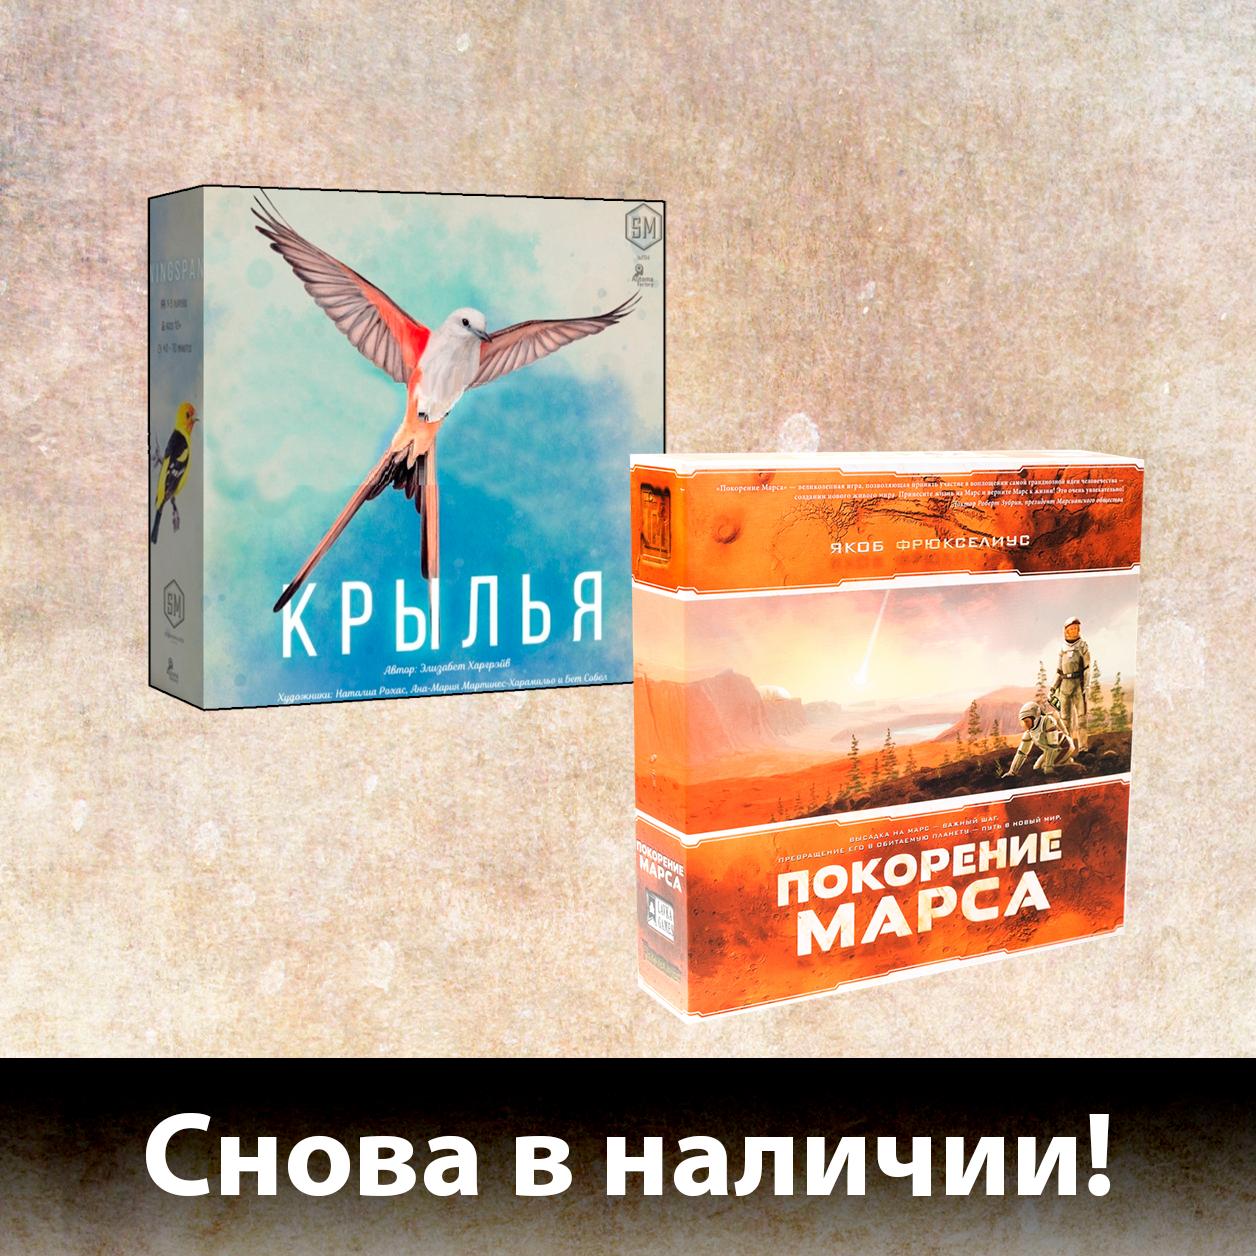 «Крылья» и «Покорение Марса» снова на наших полках!